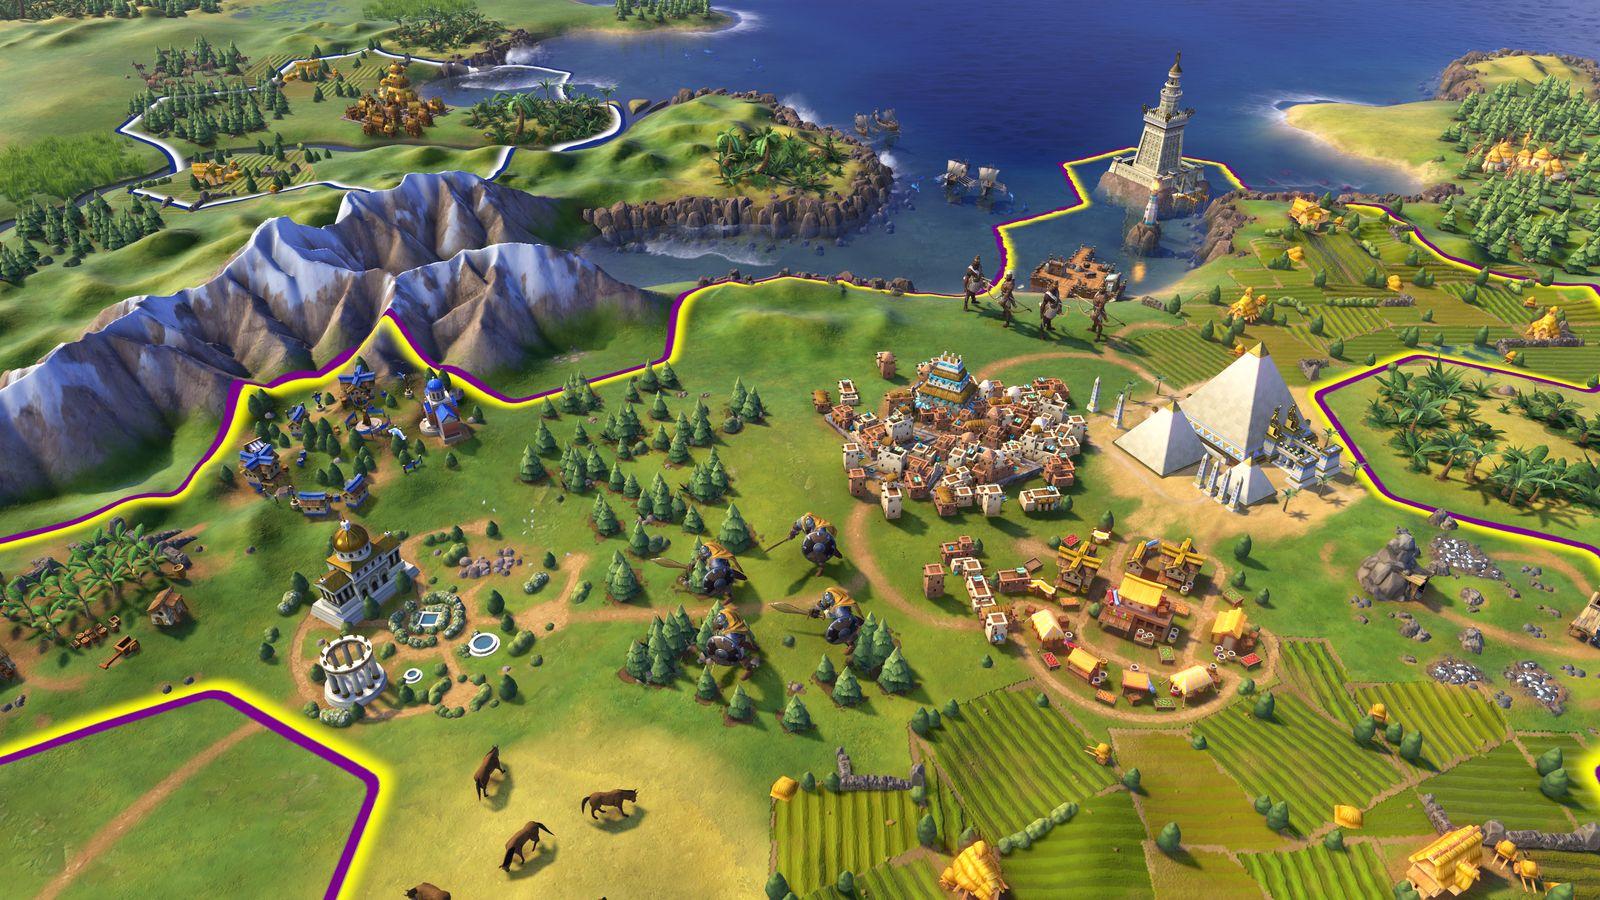 civilizationvi_screenshot_announce1-0-0